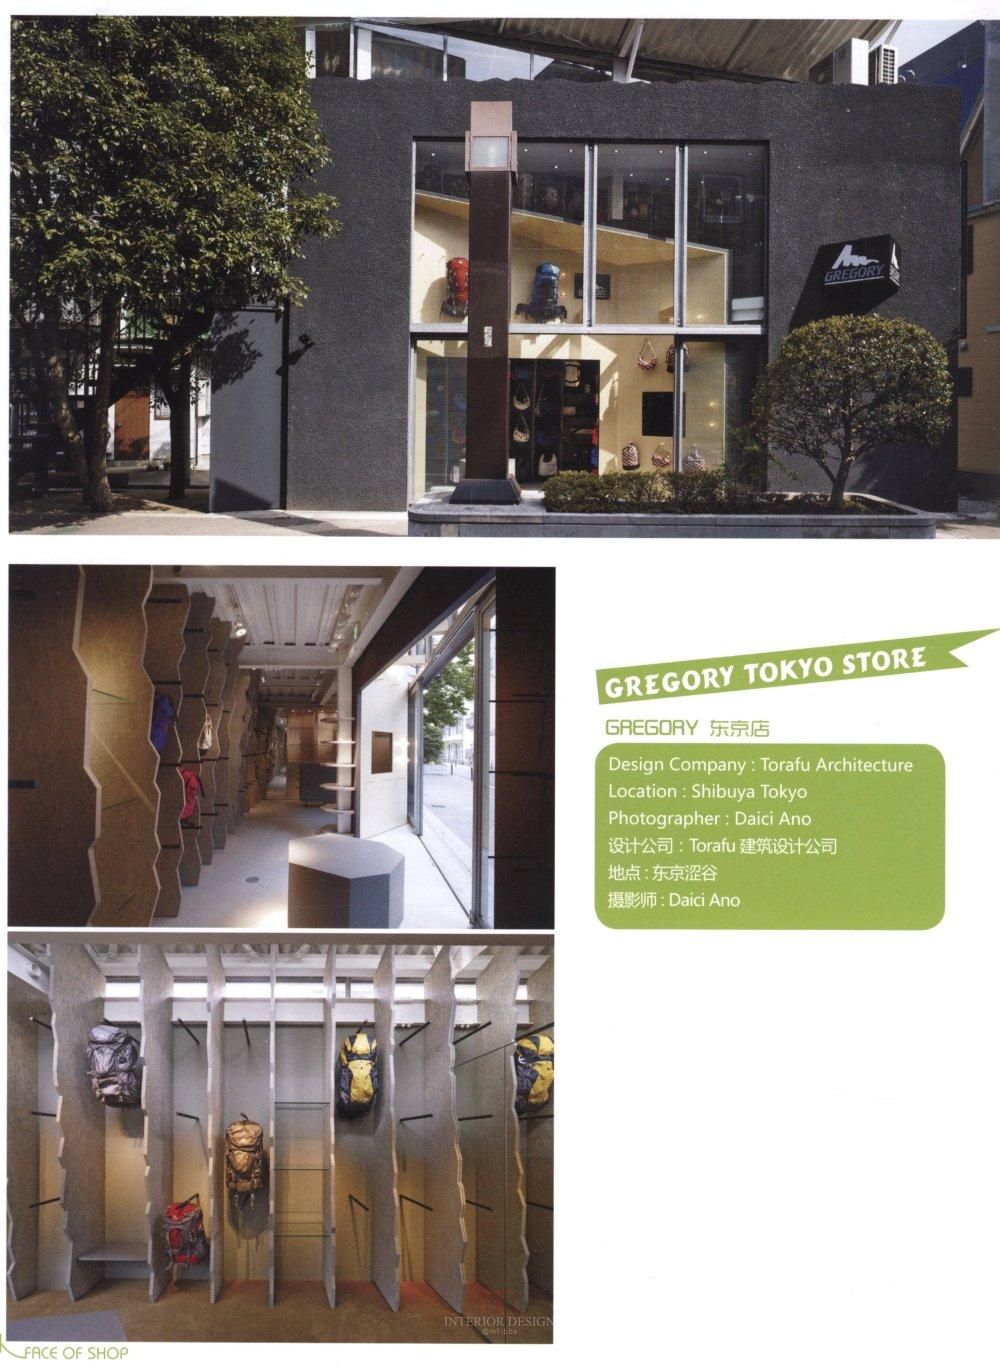 商业店铺、门头设计_kebi 0303.jpg